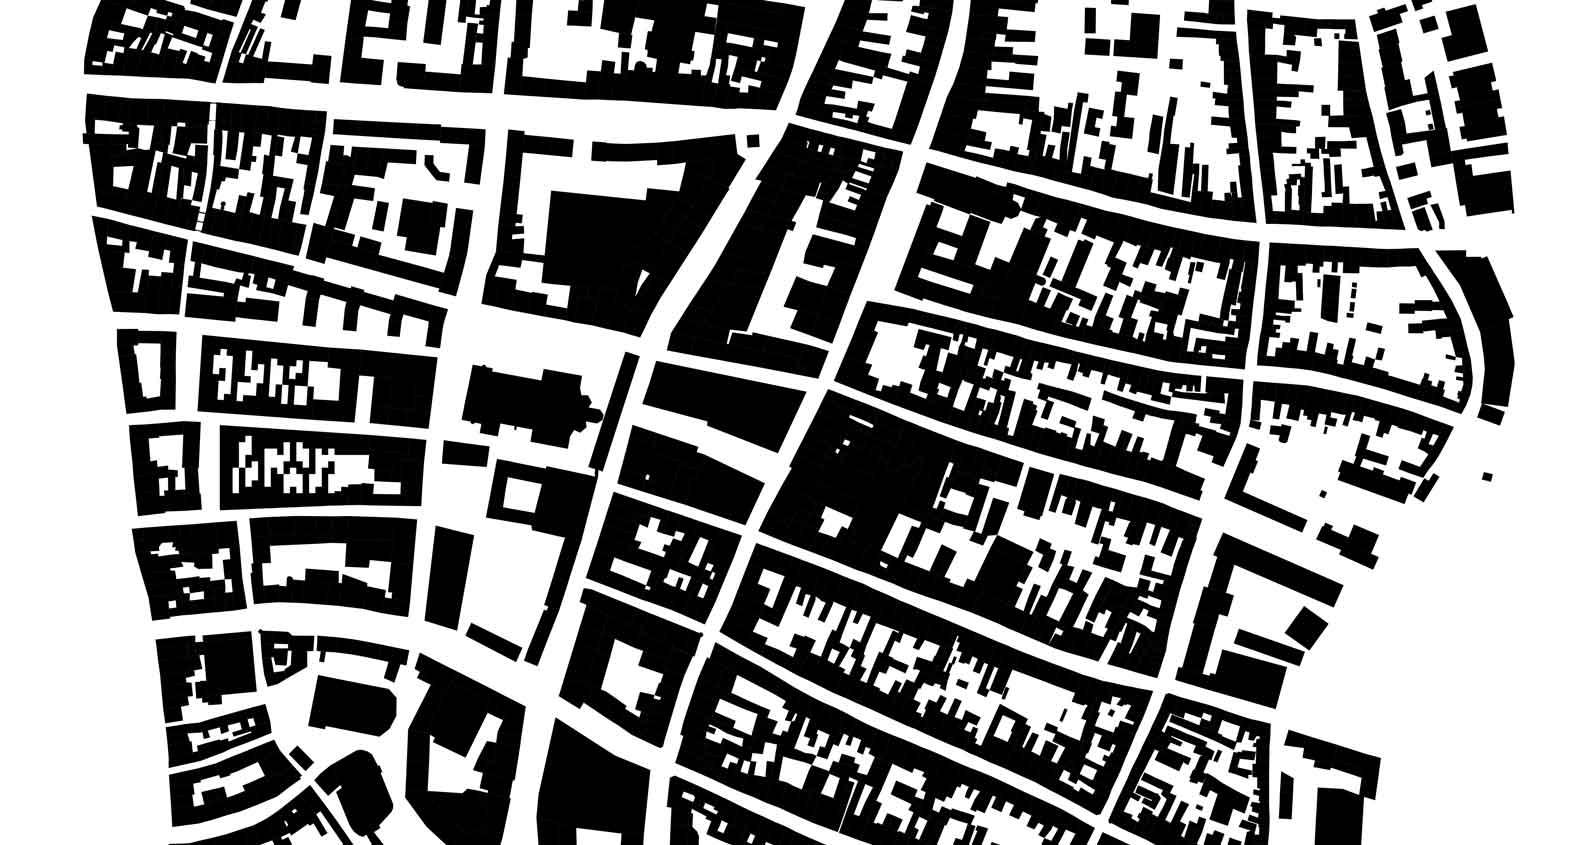 KUBIK Architektur - Studio für Architektur Berlin - architecture - Wettbewerb - Wohnbau - Gruenderzentrum Luebeck - Schwarzplan